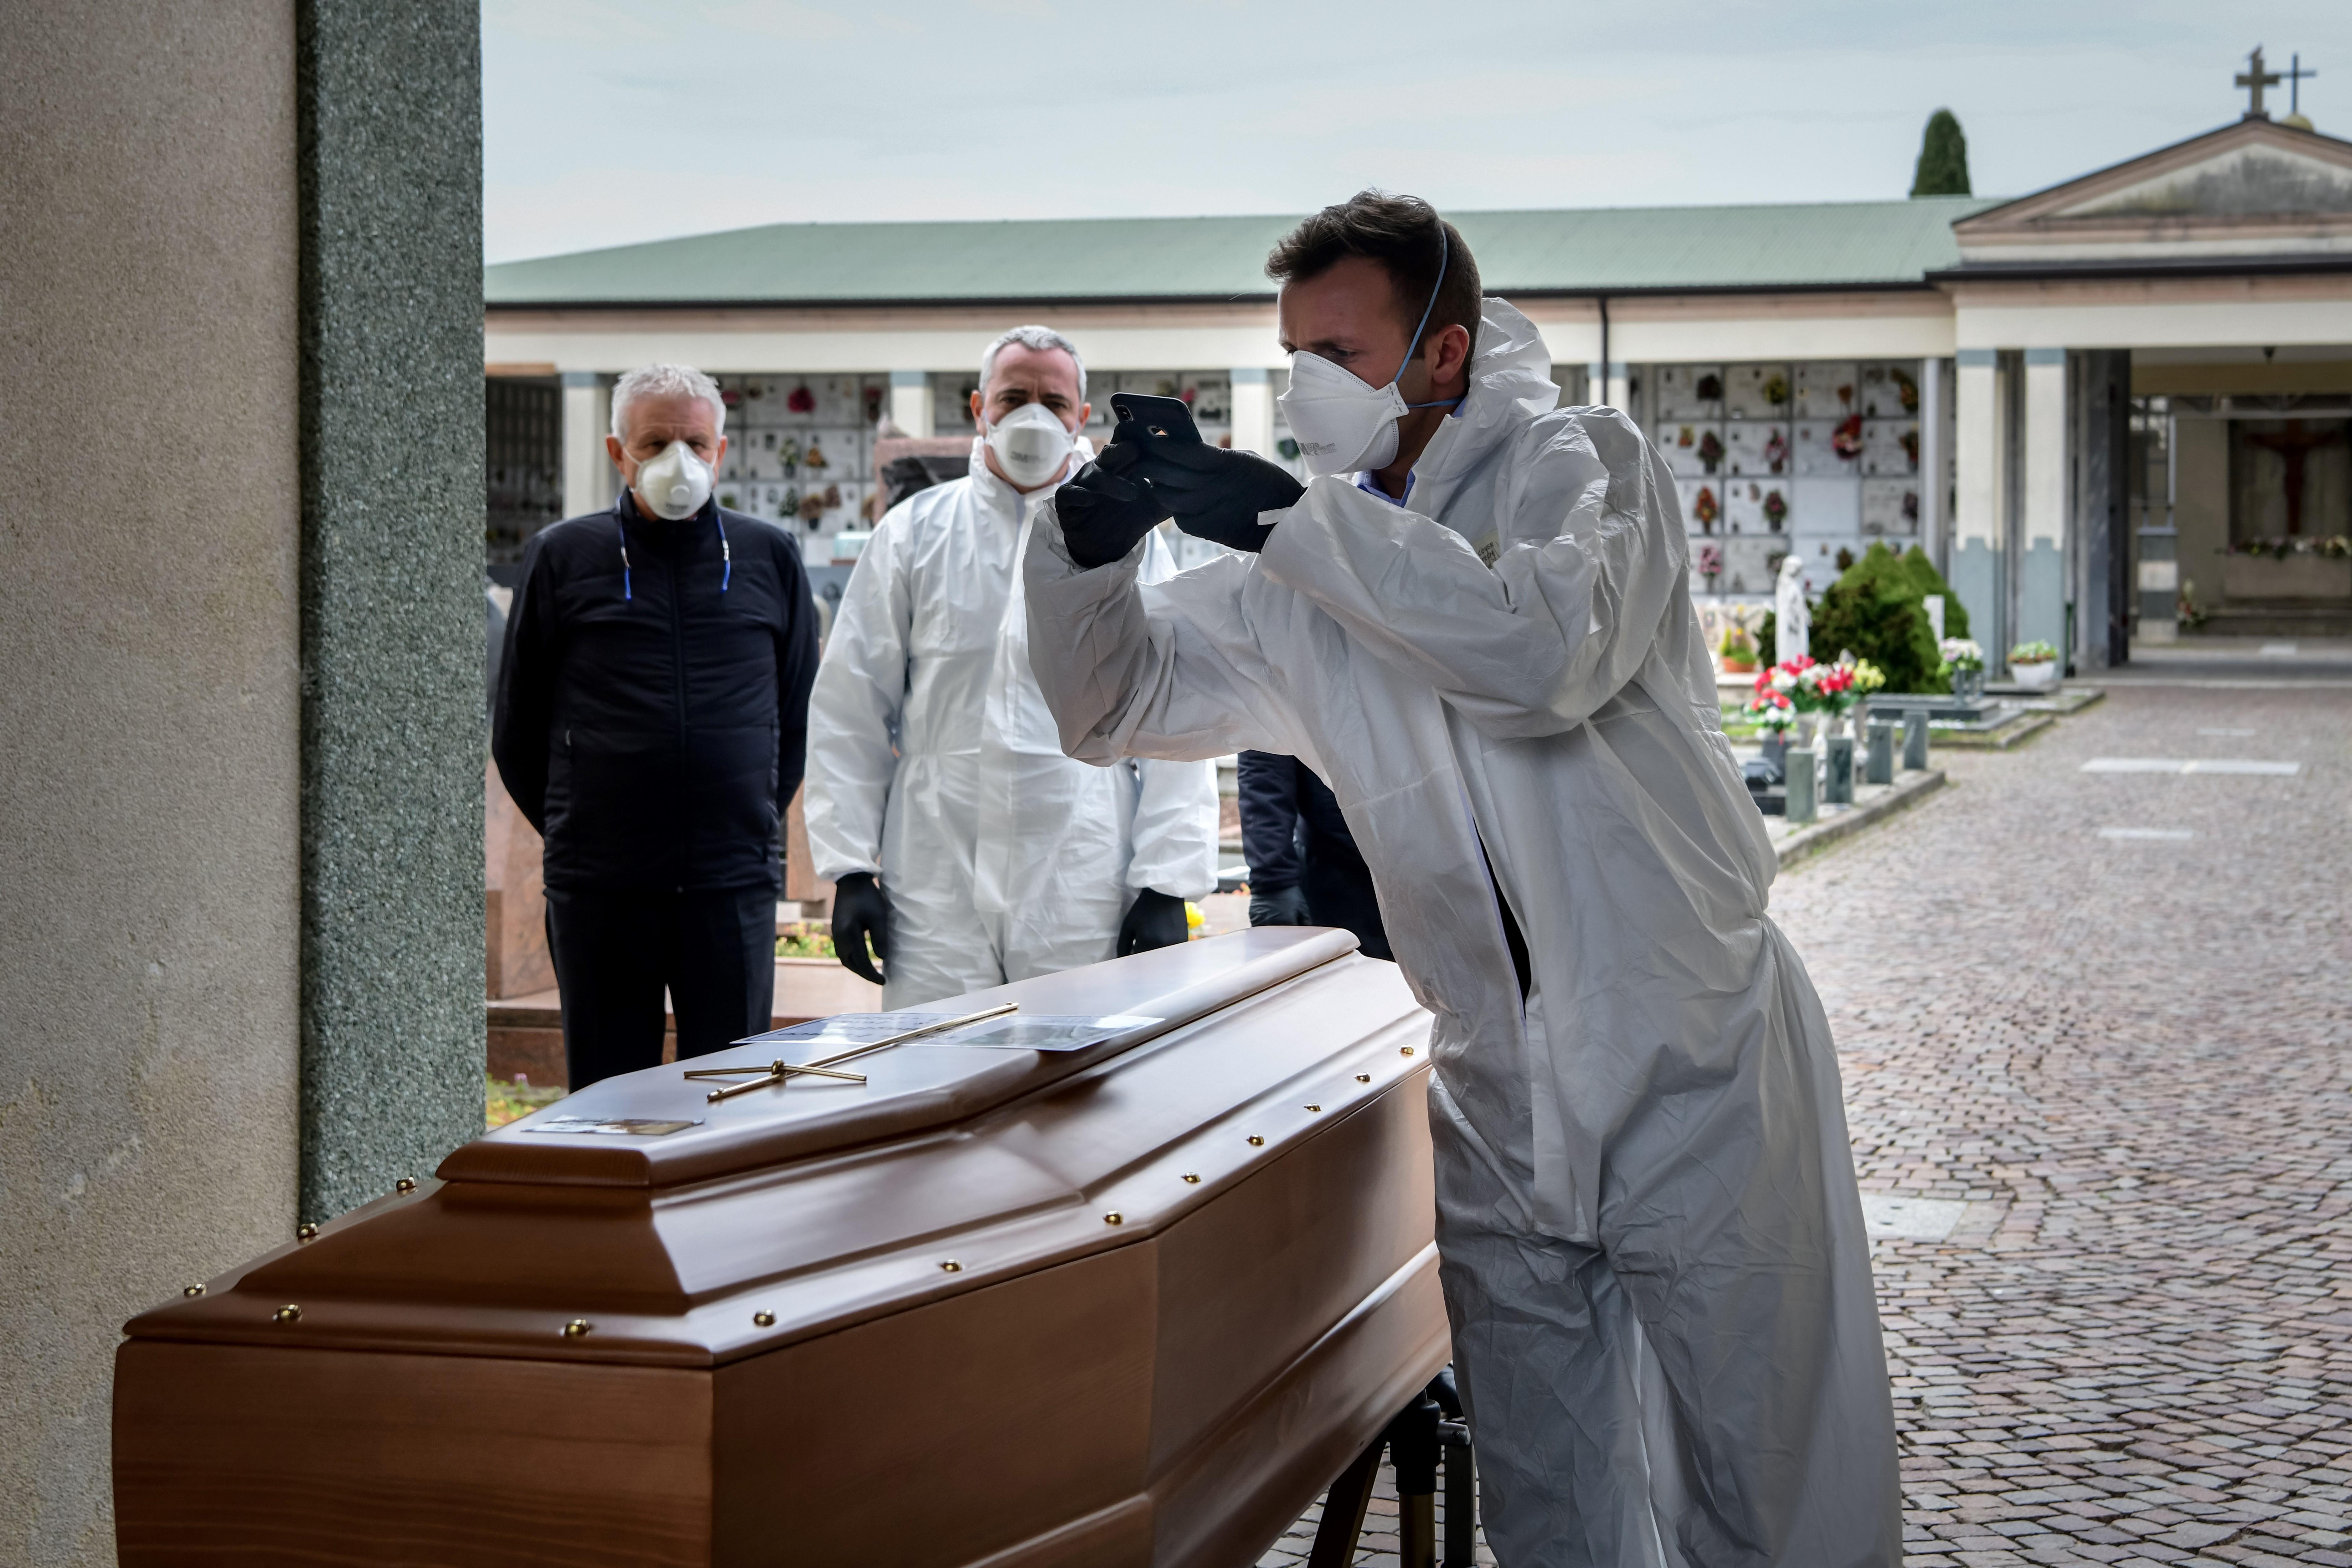 Minden 15. percben érkezik egy koporsó a madridi temetőbe